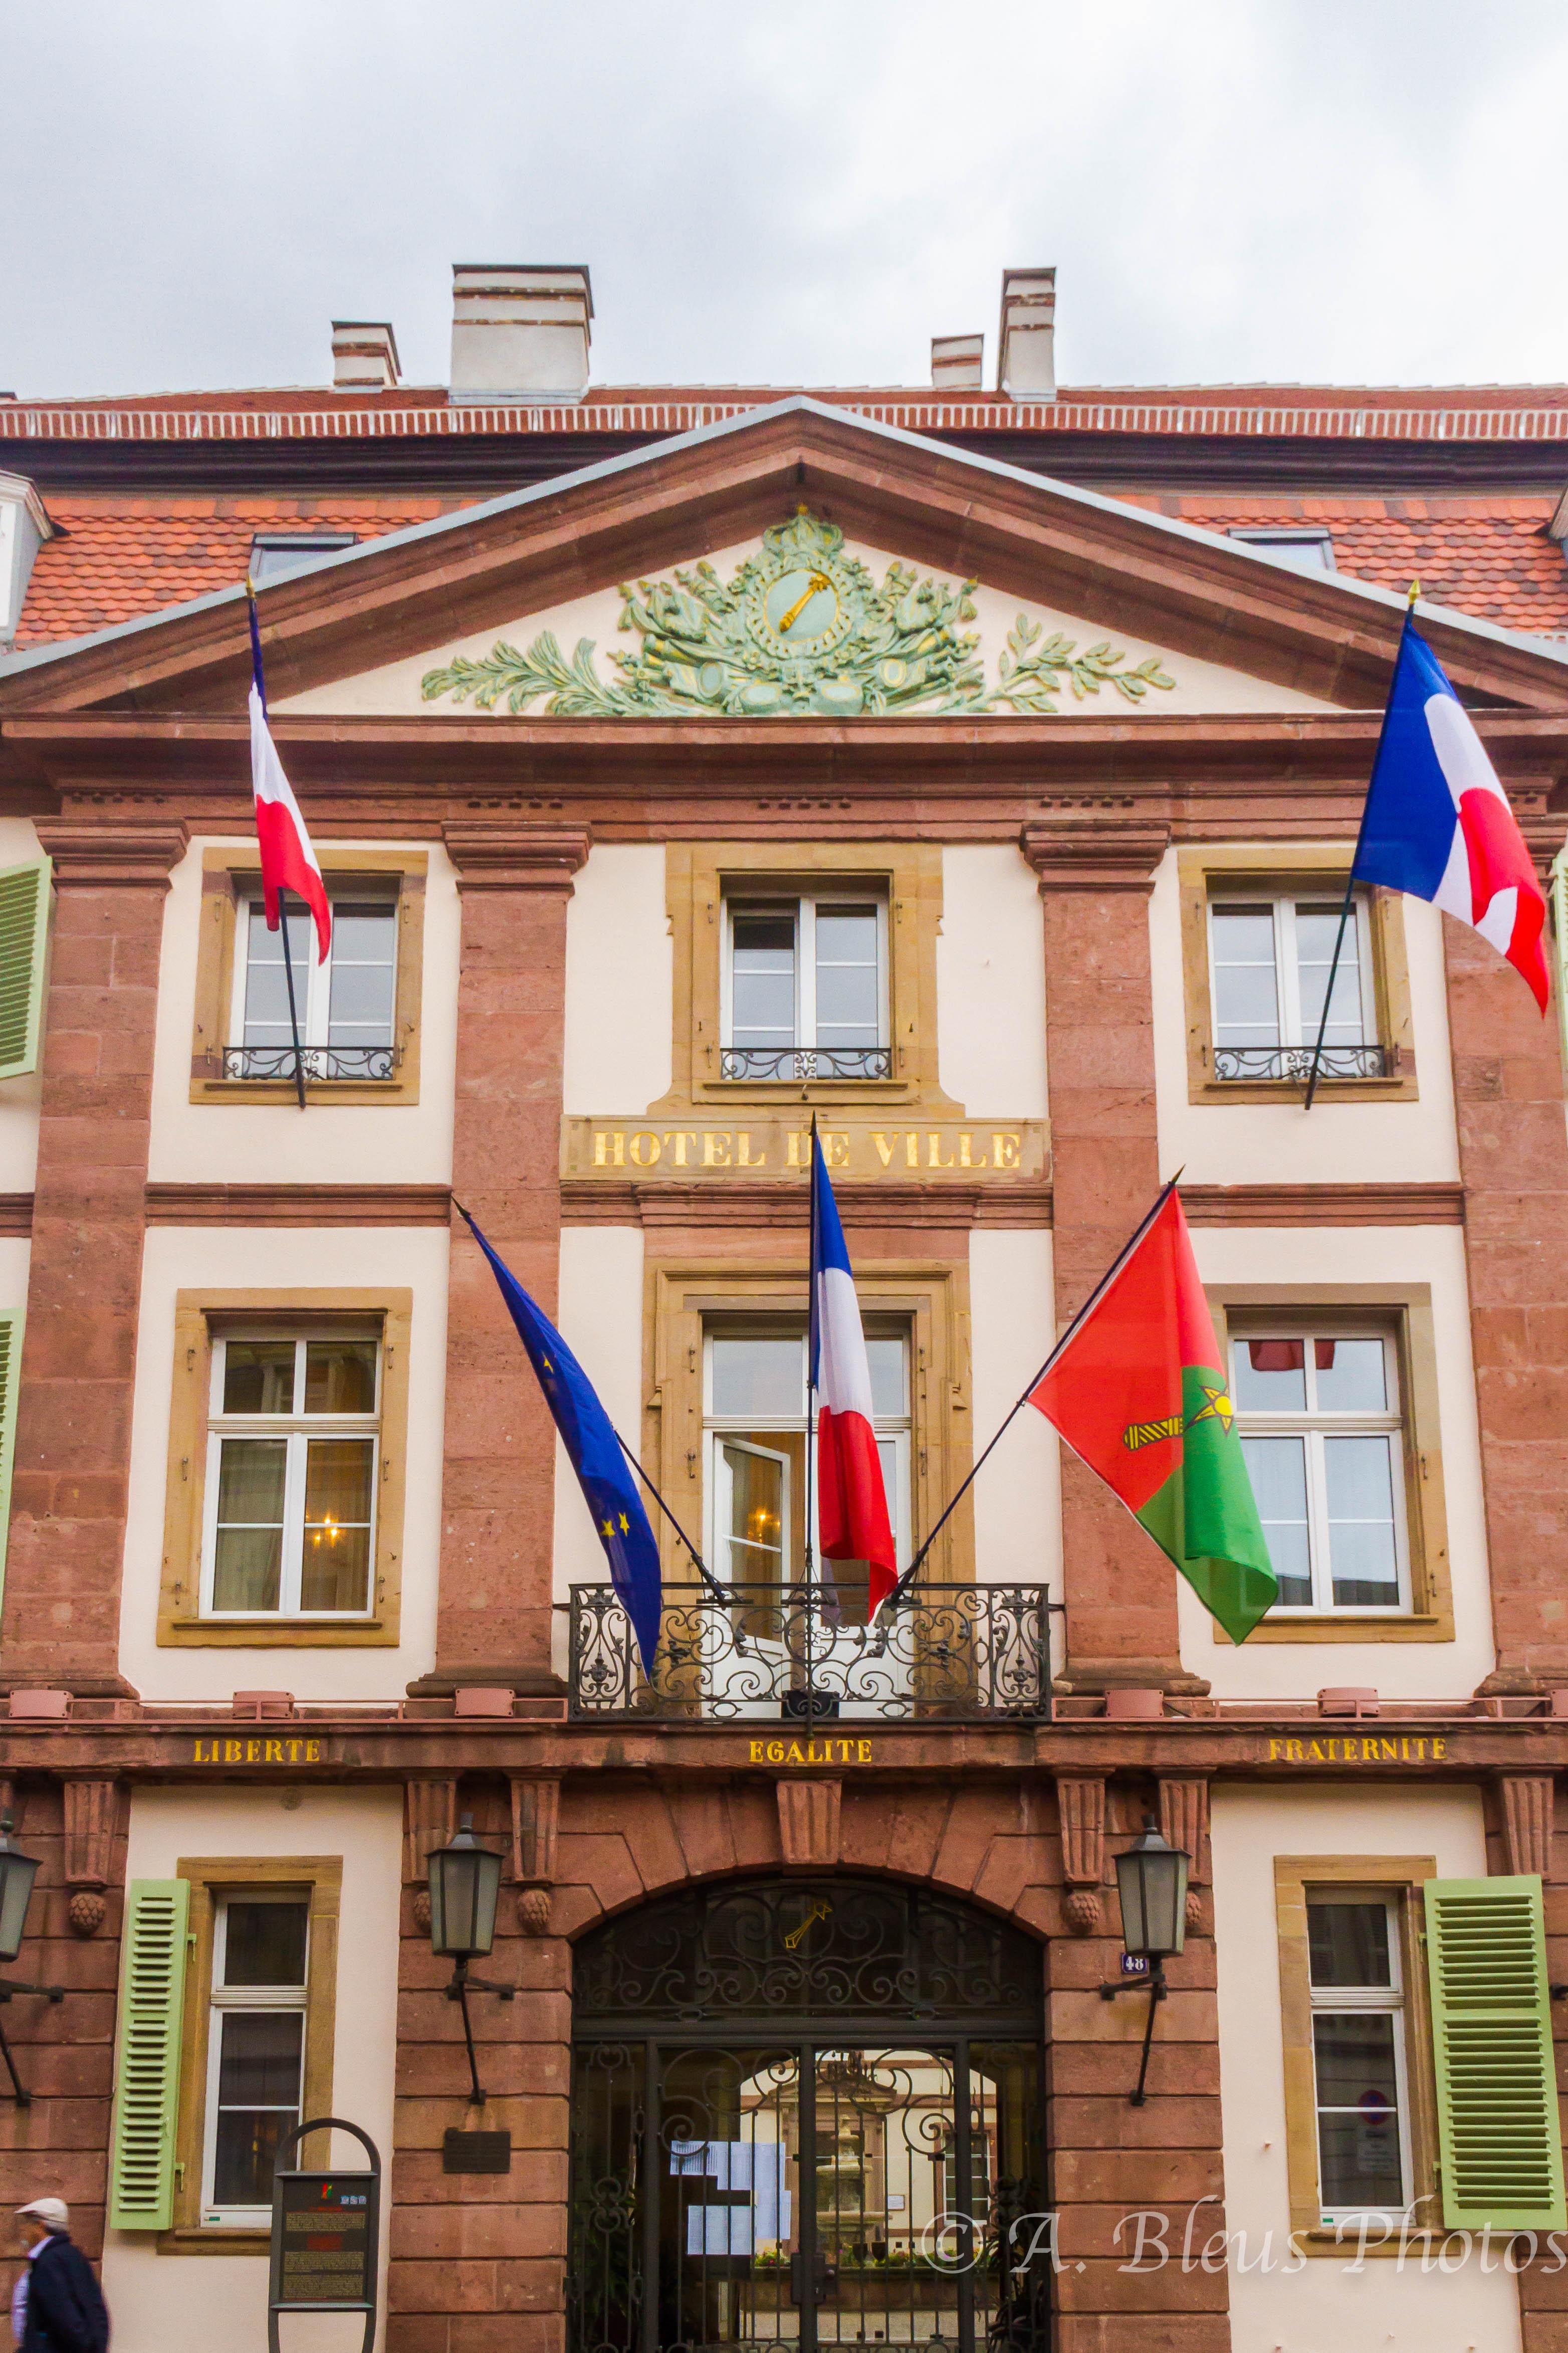 Hotel de ville colmar france alixbleus for Piscine unterlinden colmar